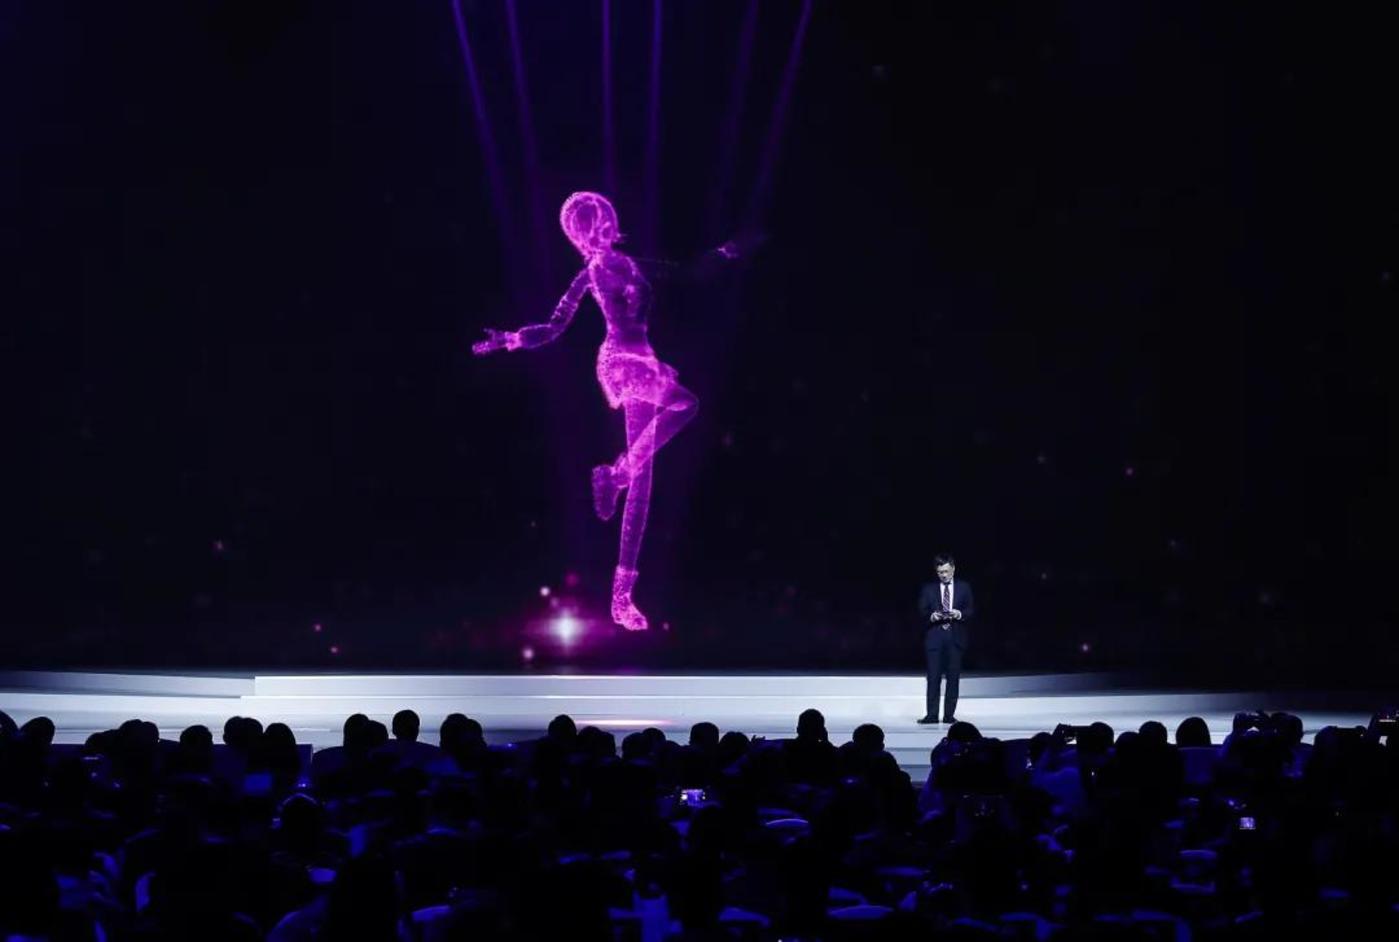 世界互联网领先科技成果发布:微软小冰